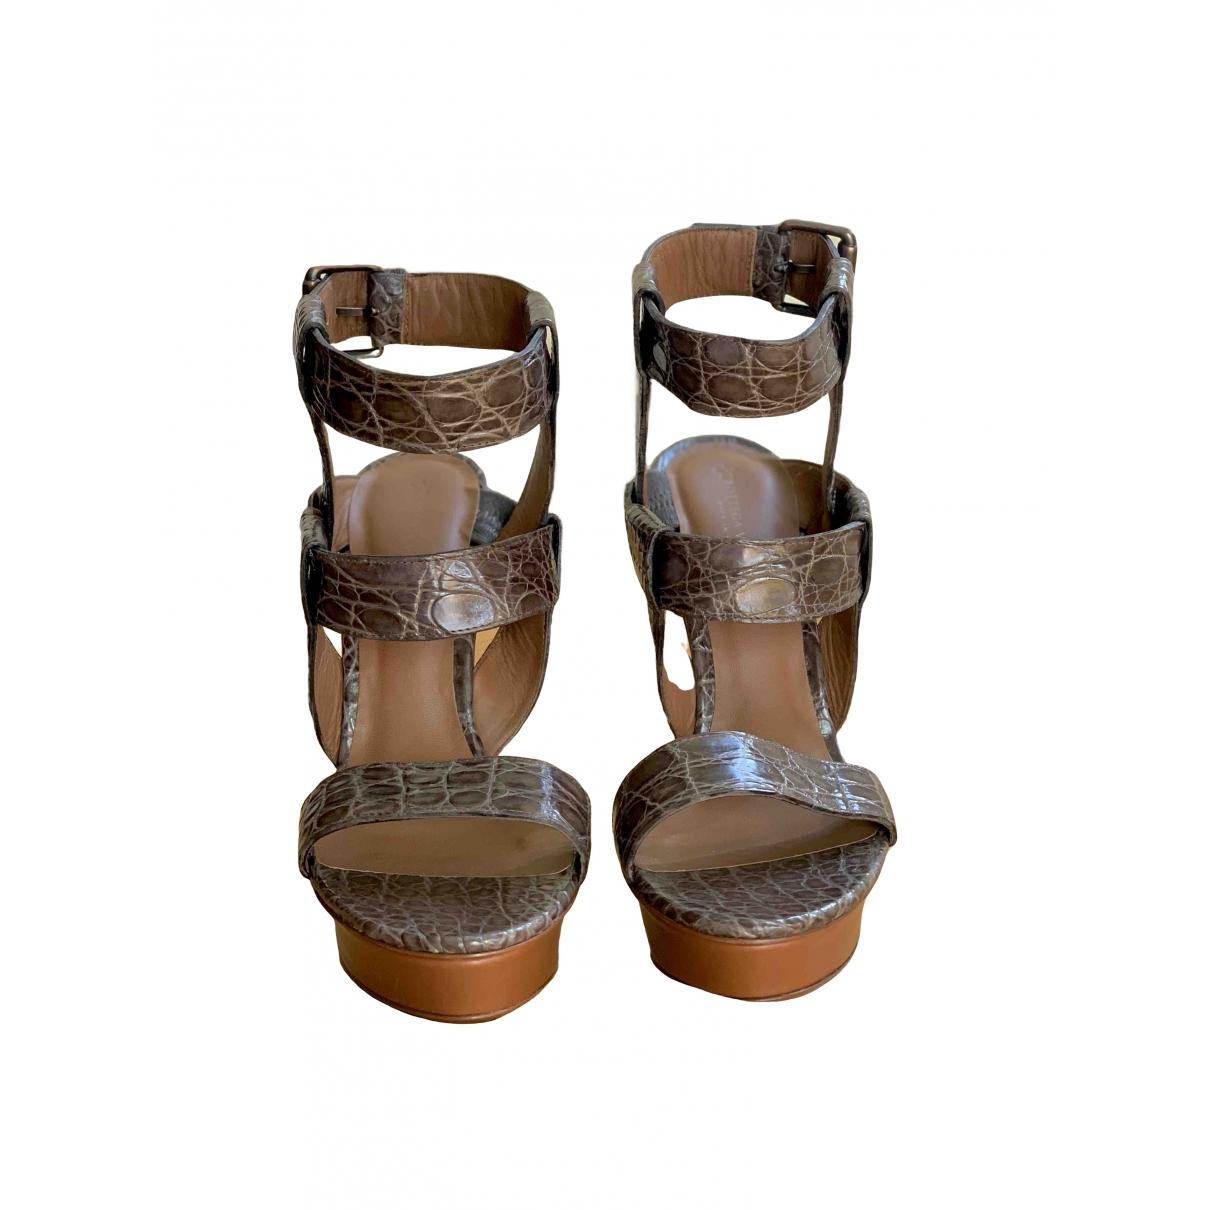 Sandalias romanas de Cocodrilo Bottega Veneta